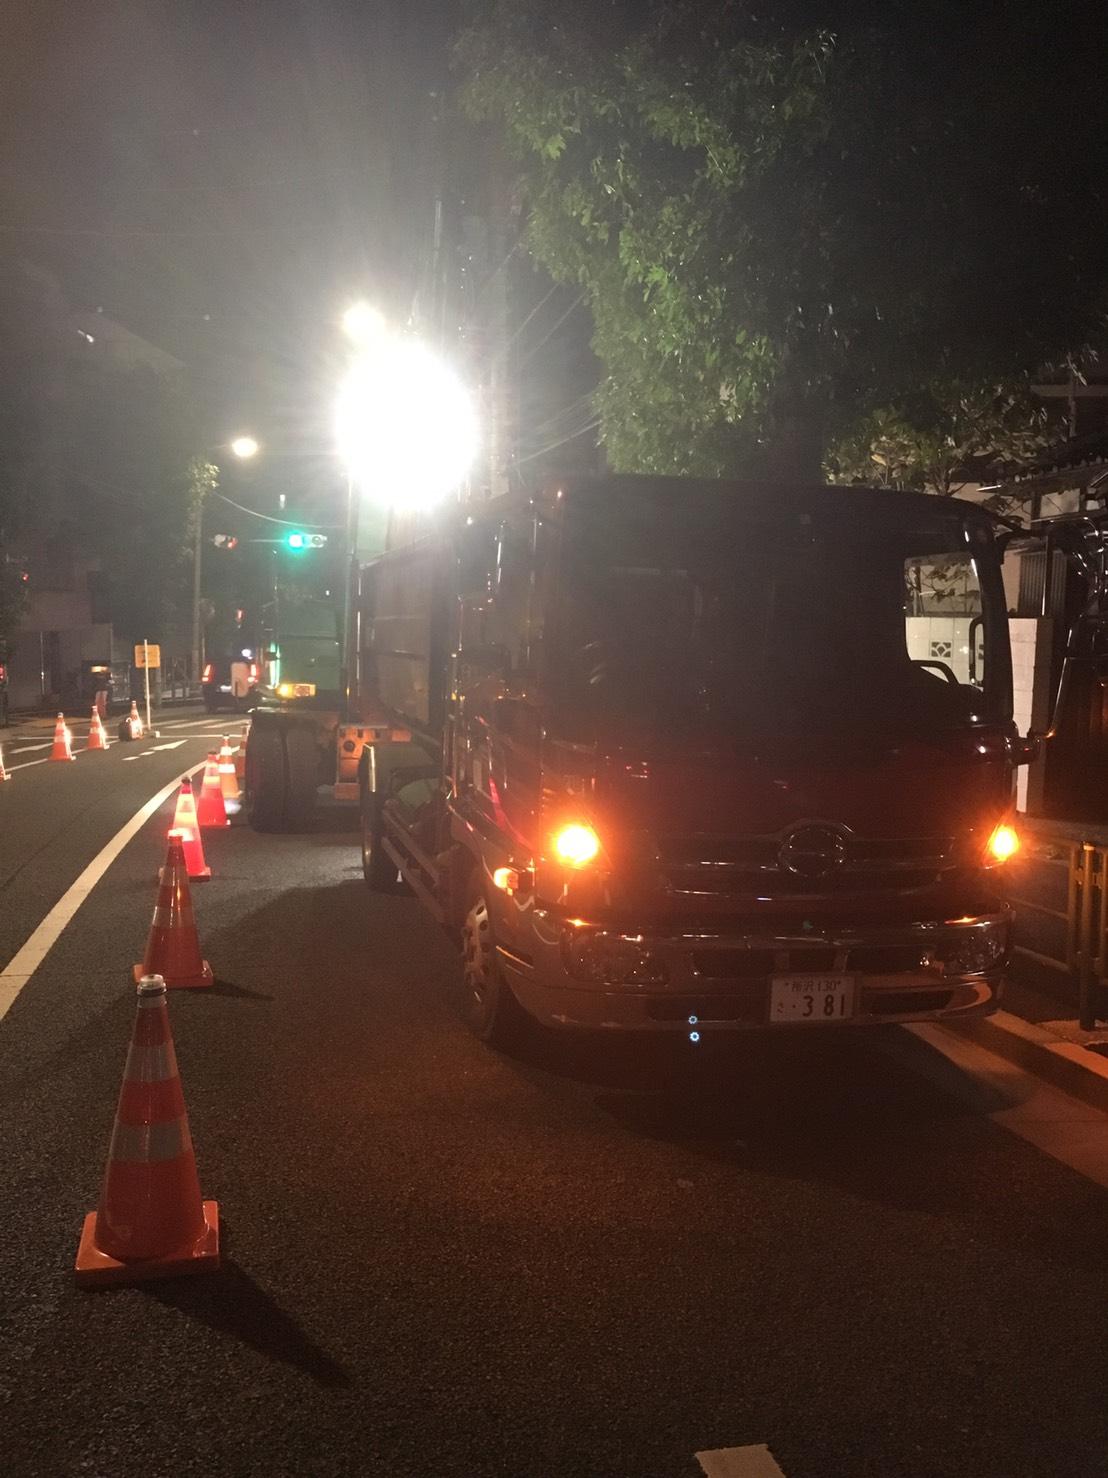 【産業廃棄物の収集運搬】コンクリートくずの収集運搬を東京都目黒区にて行った事例を紹介します。